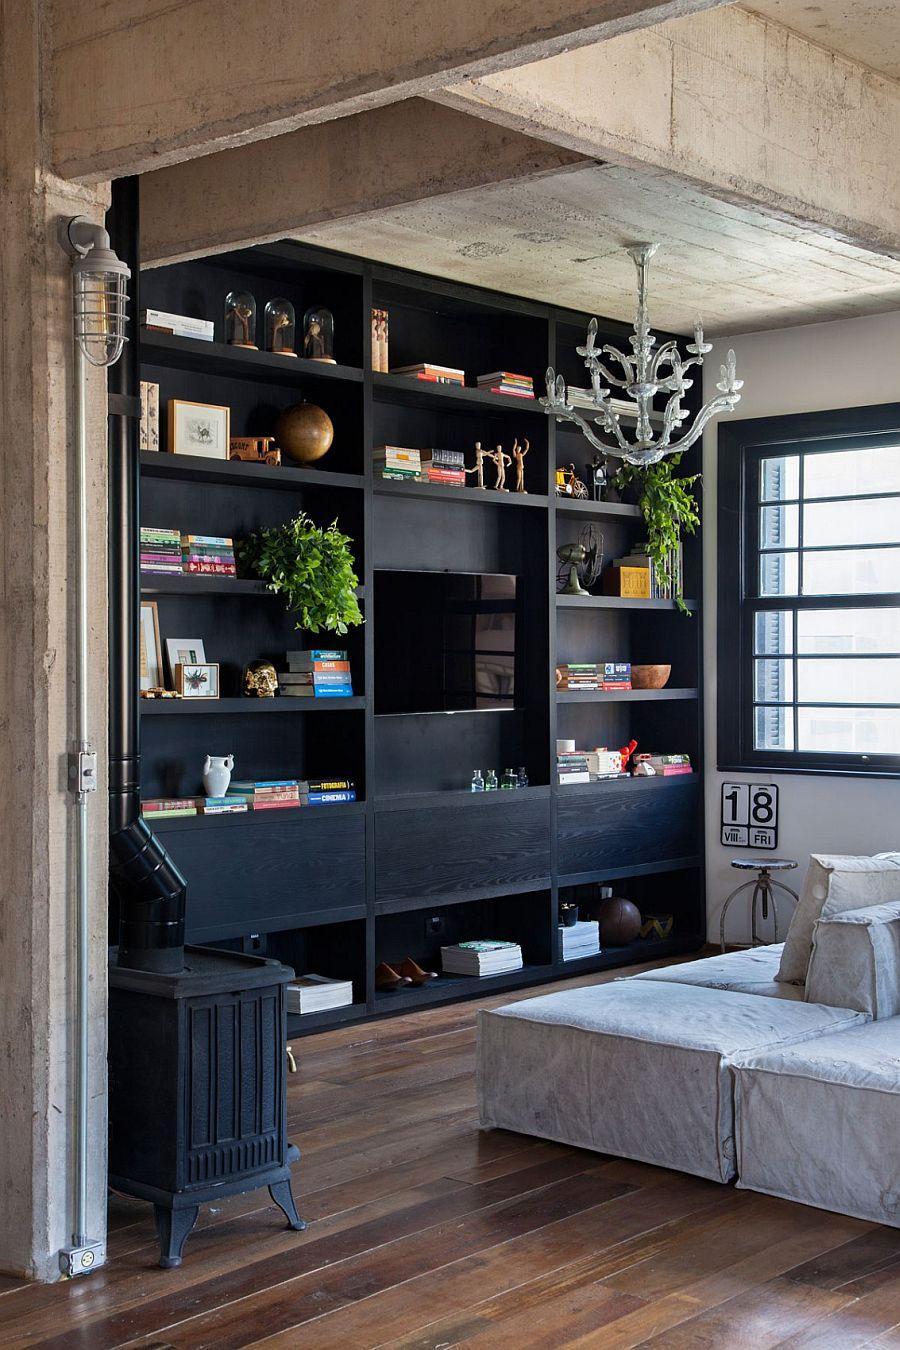 Large, open bookshelf in dark wood anchors the light-filled living room